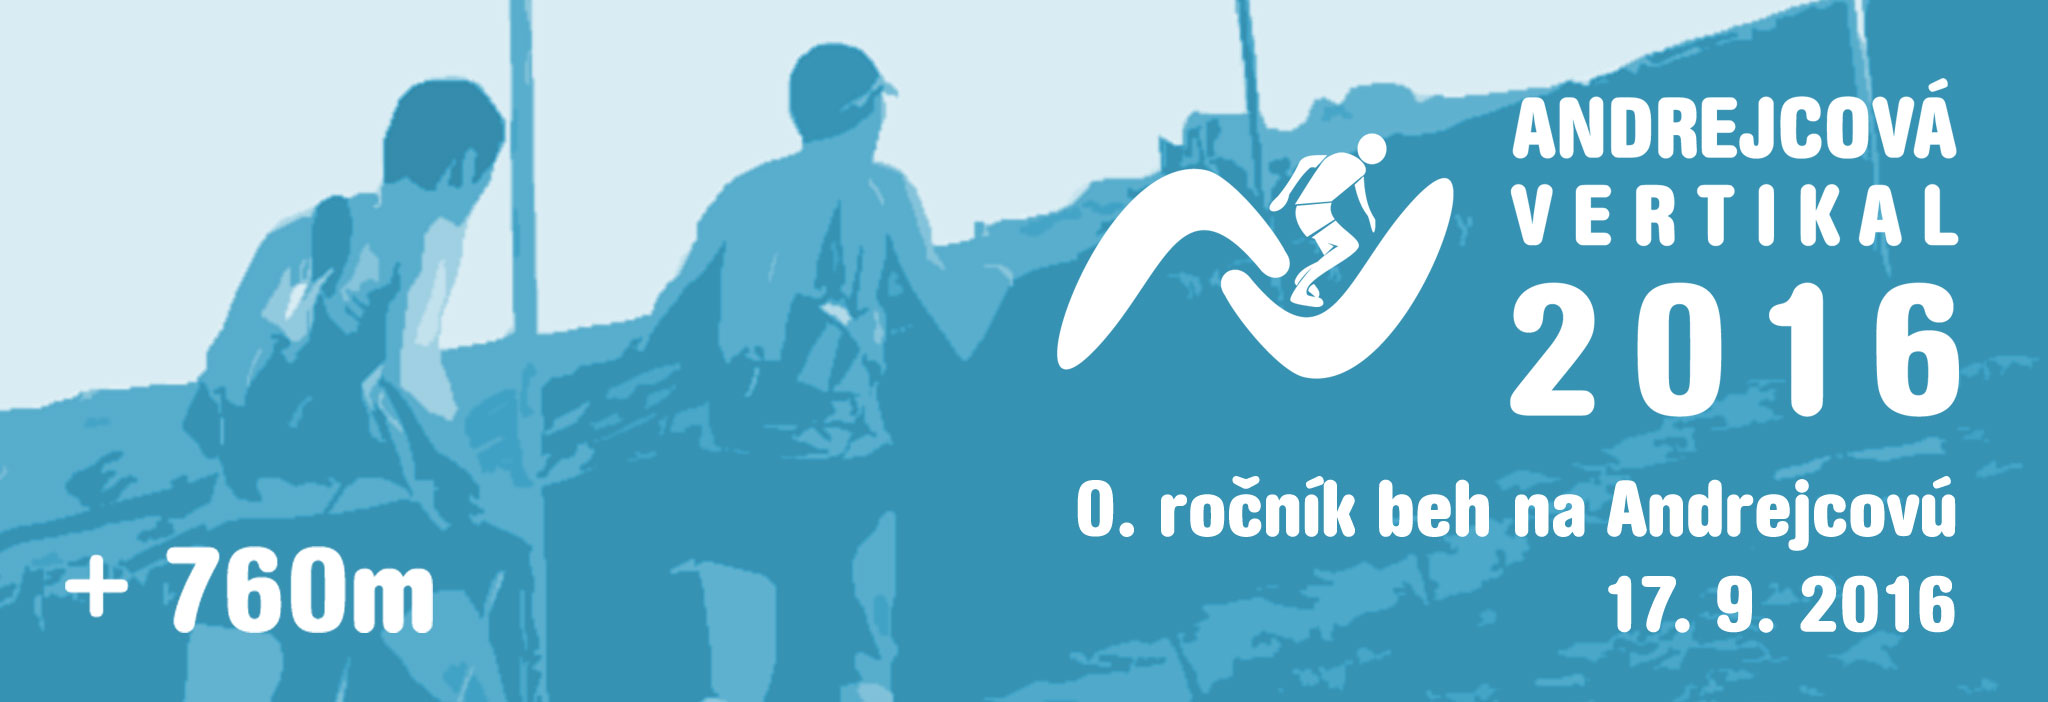 Expresky z hôr 28 - Andrejcová vertikal 2016, zdroj: vertikal.horskespolocenstvo.sk